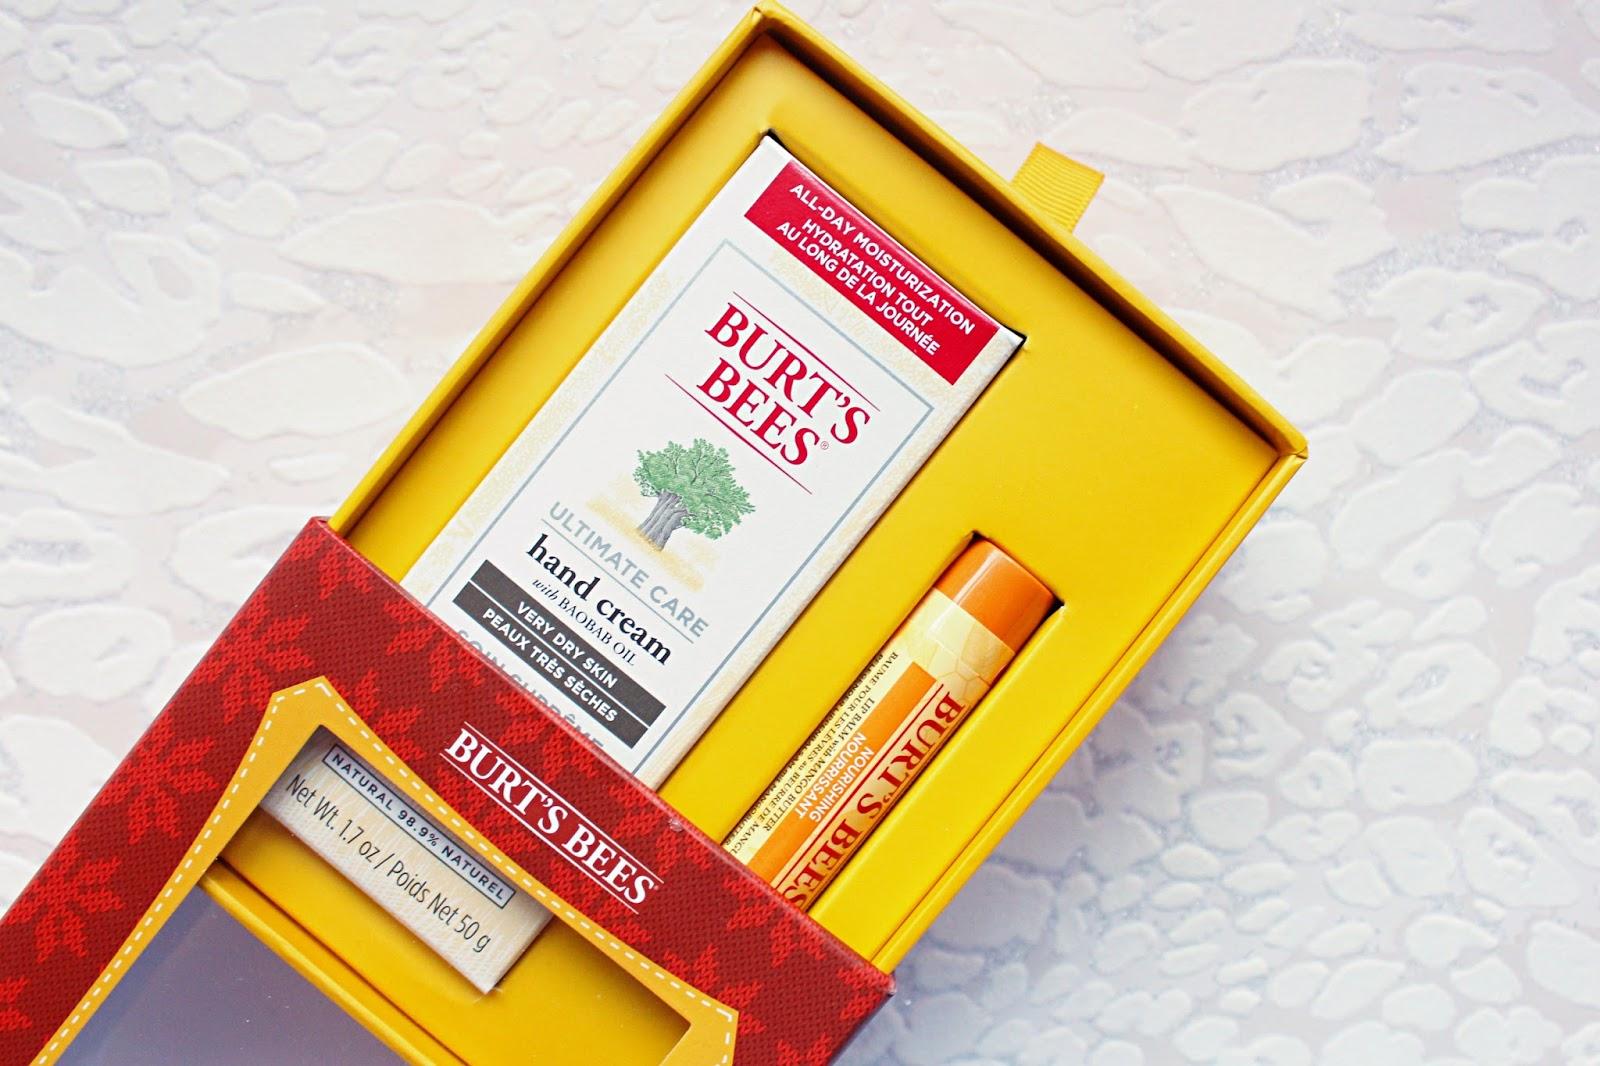 Burt's Bees Christmas Gifting